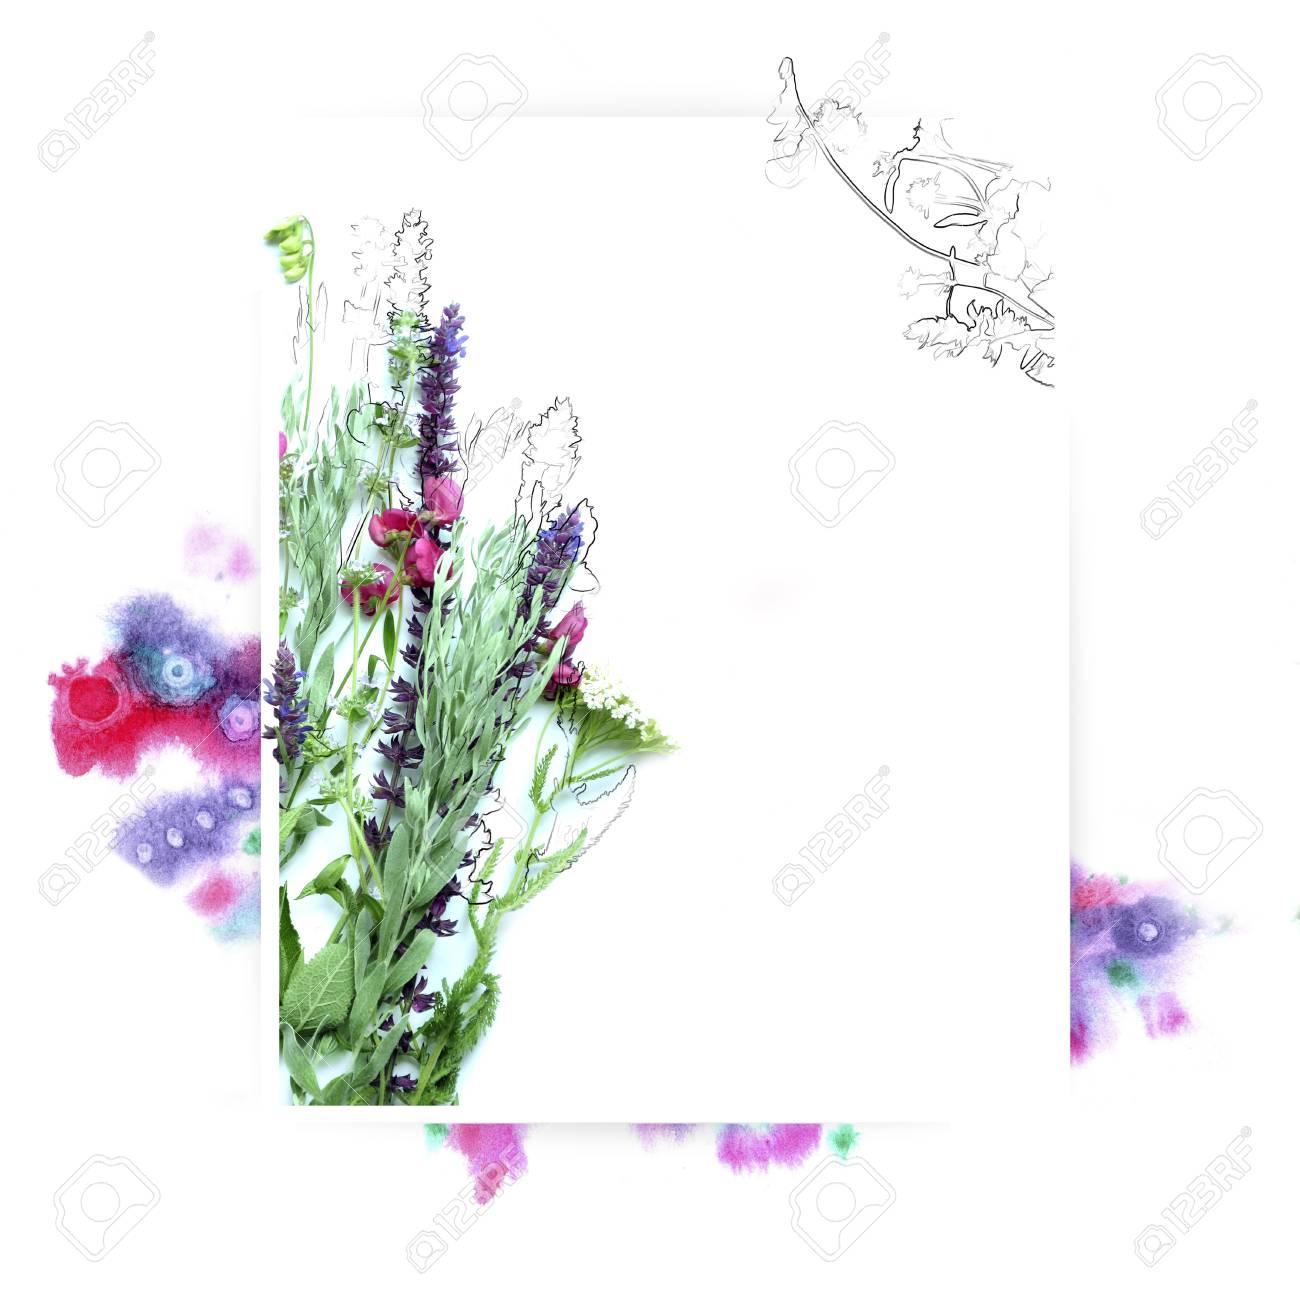 Foto de archivo - Plantilla para diseño de invitación con salpicaduras de  acuarela y flor fresca y contorno de tinta ac2209a8ee4a